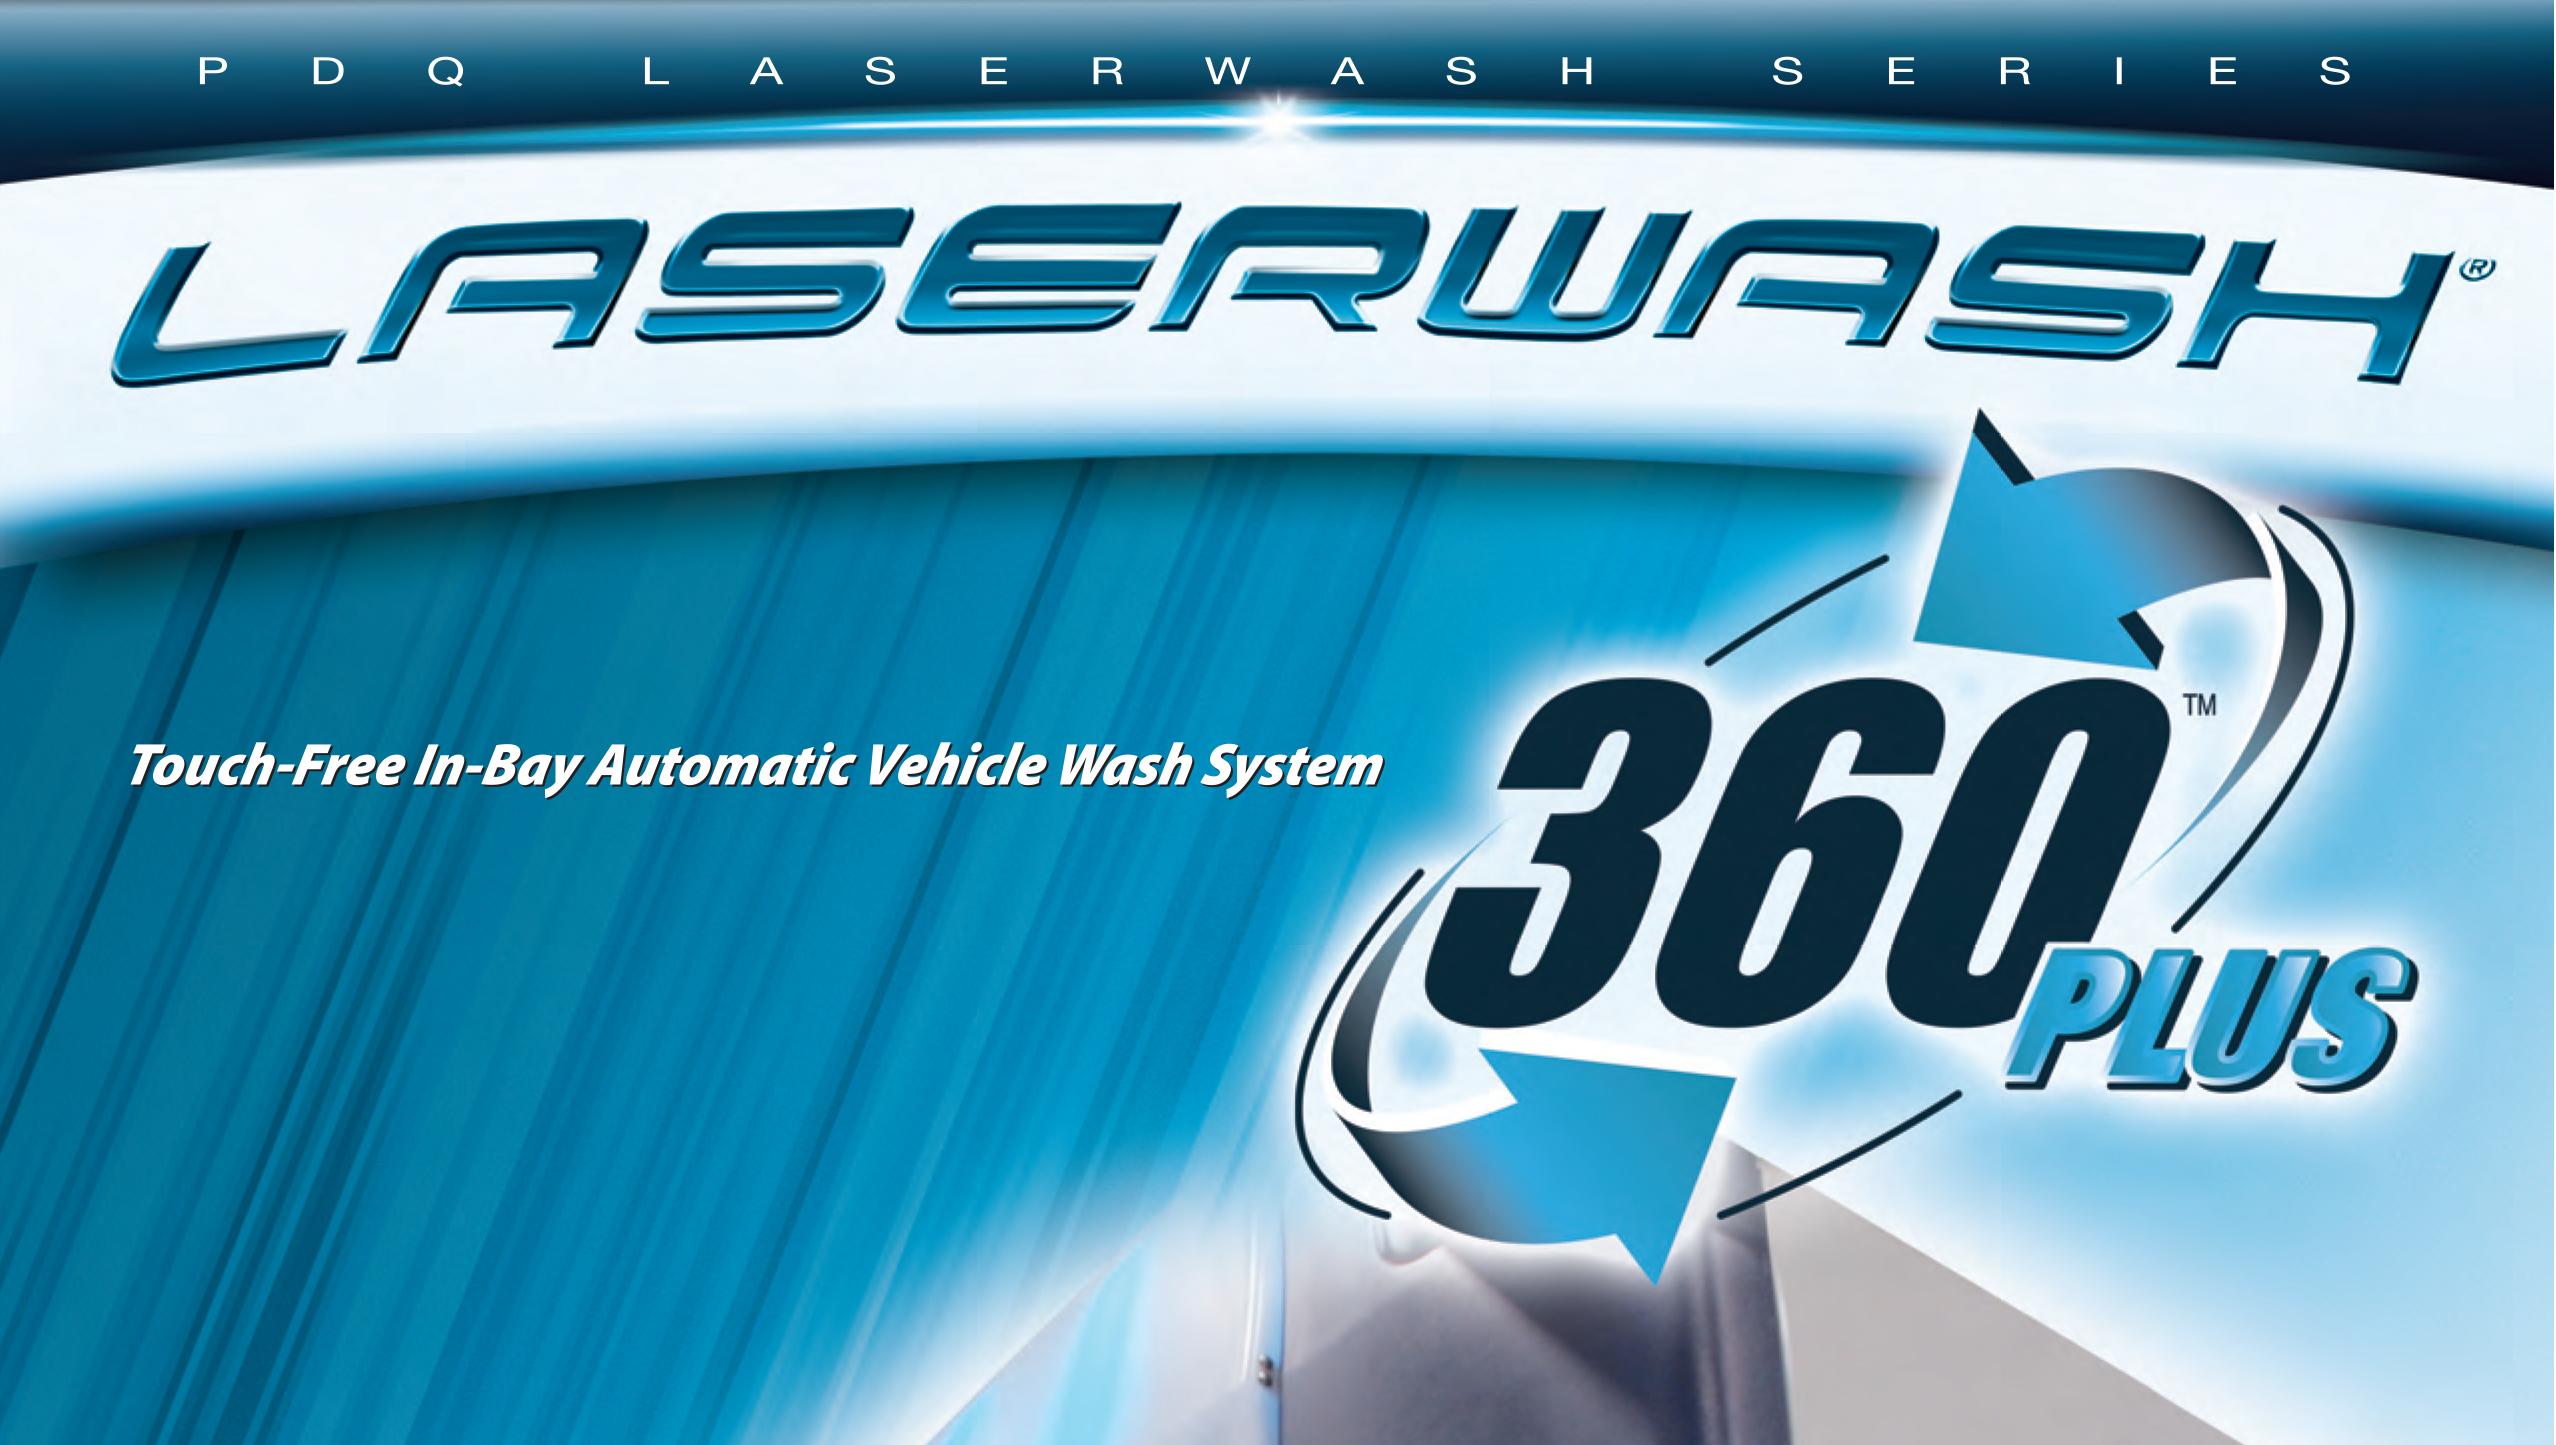 Laserwash_PetrolTechTrading_Carwash_Avtomivki_Bulgaria